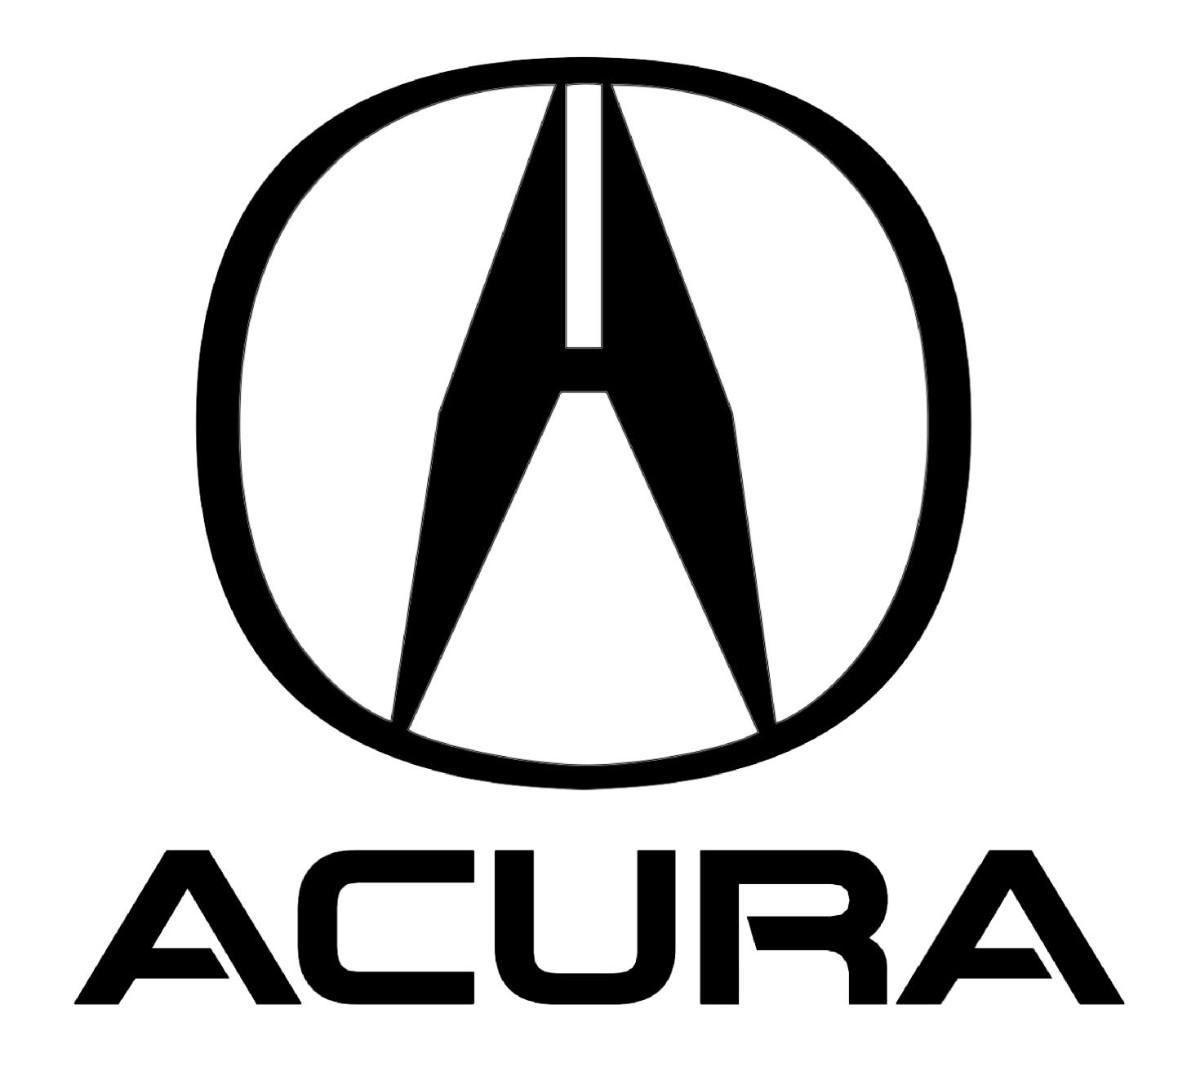 Acura-Emblem-1.jpg